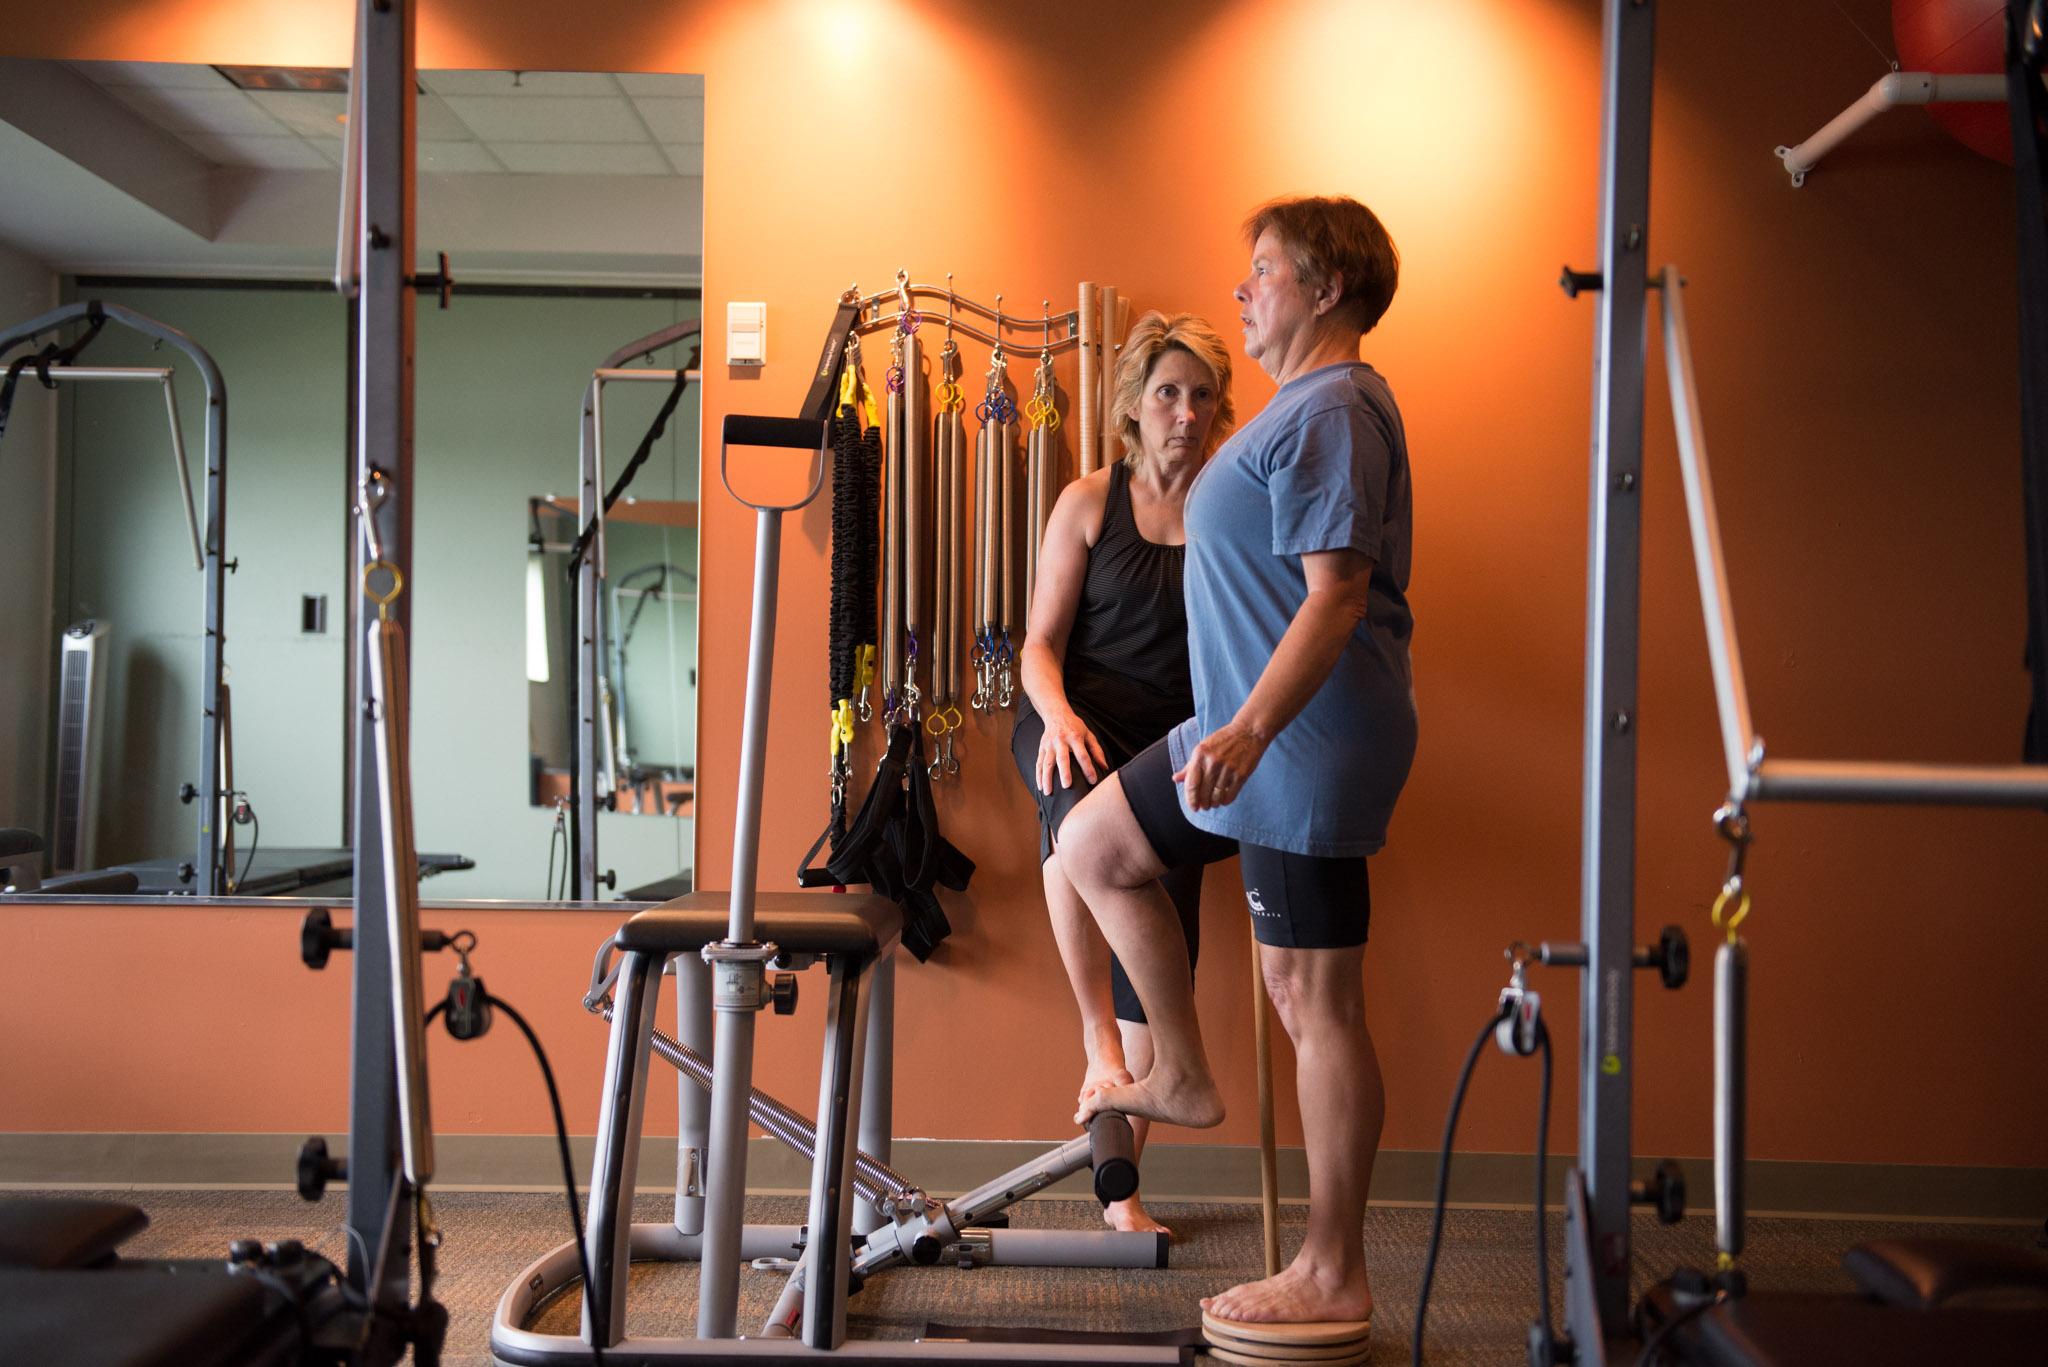 Wellness Center Stock Photos-1389.jpg